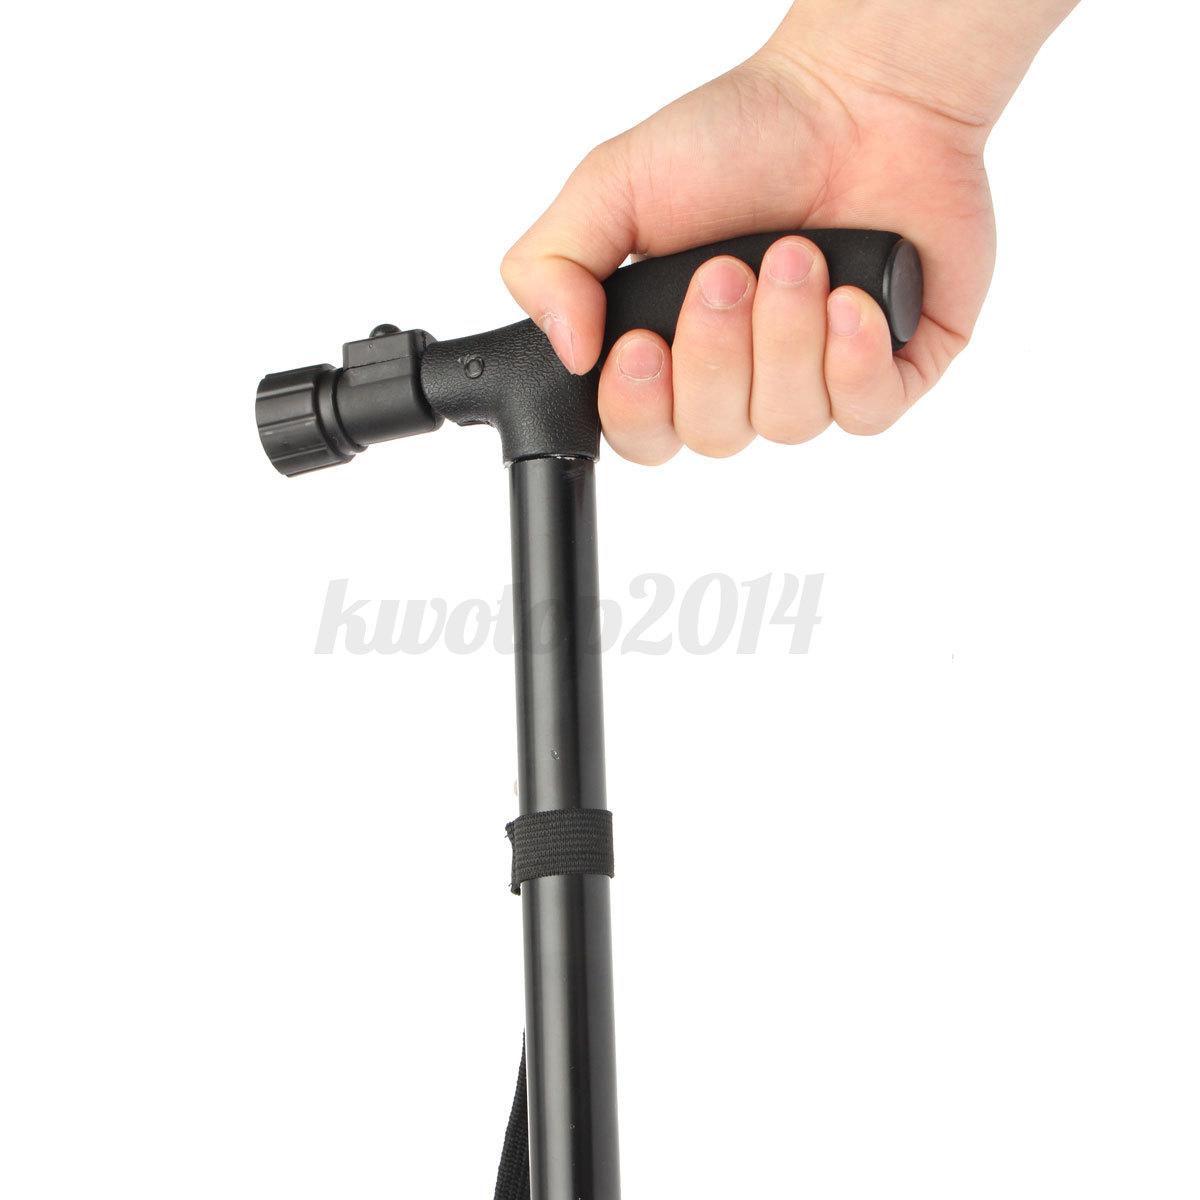 adjustable handle folding smart cane with led lights. Black Bedroom Furniture Sets. Home Design Ideas